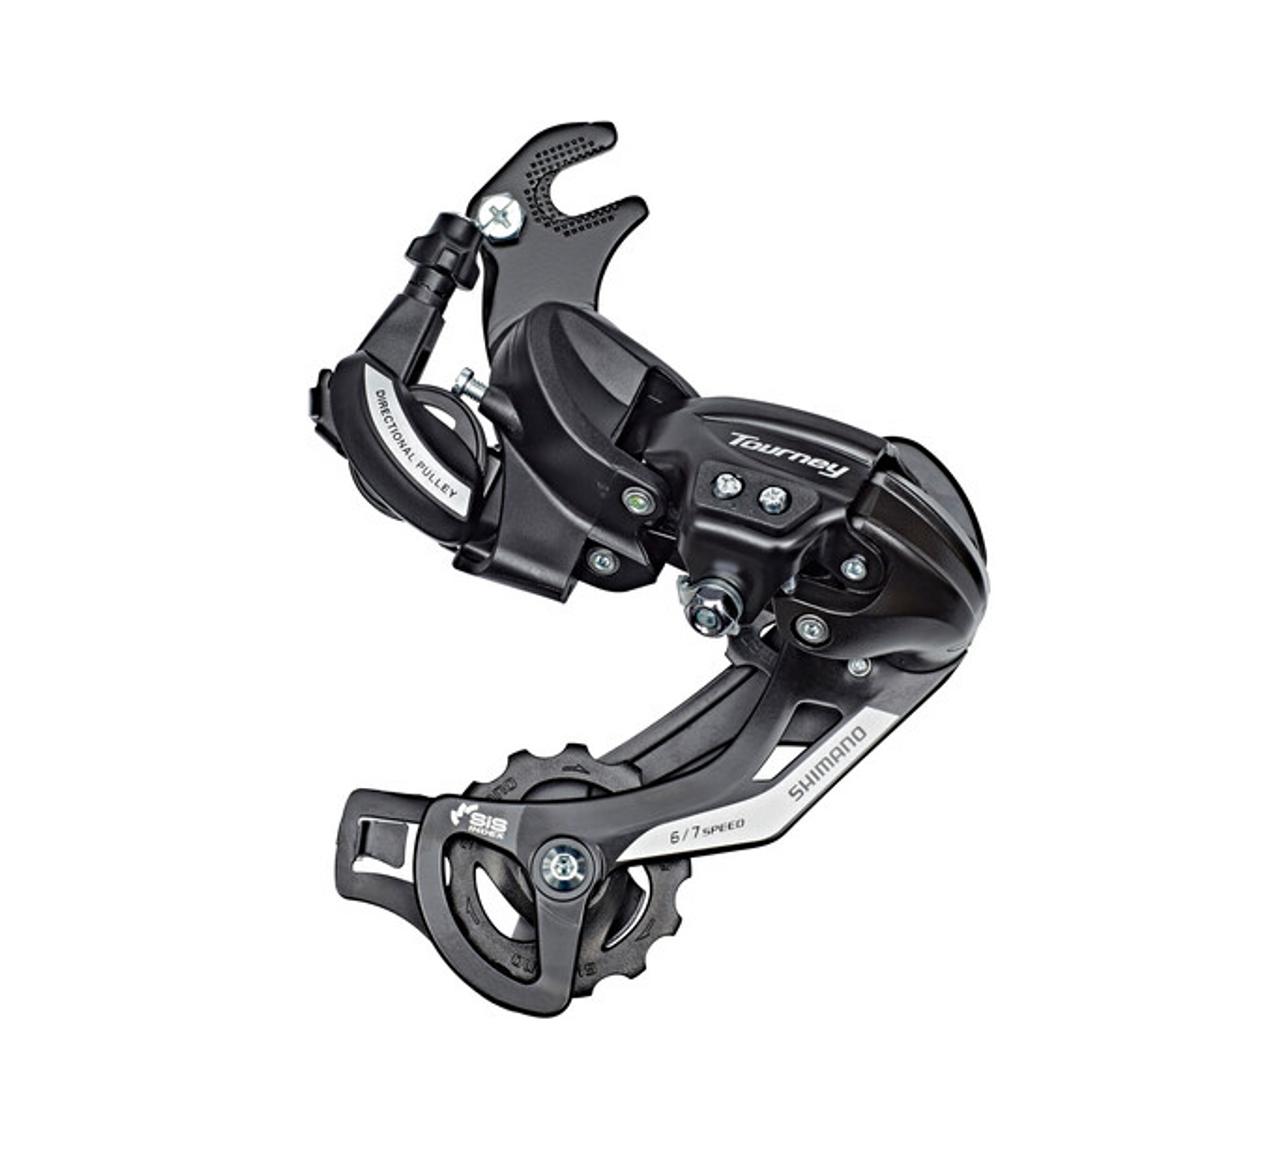 Shimano Tourney TY500 6/7 Speed Axle Mount Rear Derailleur In Black